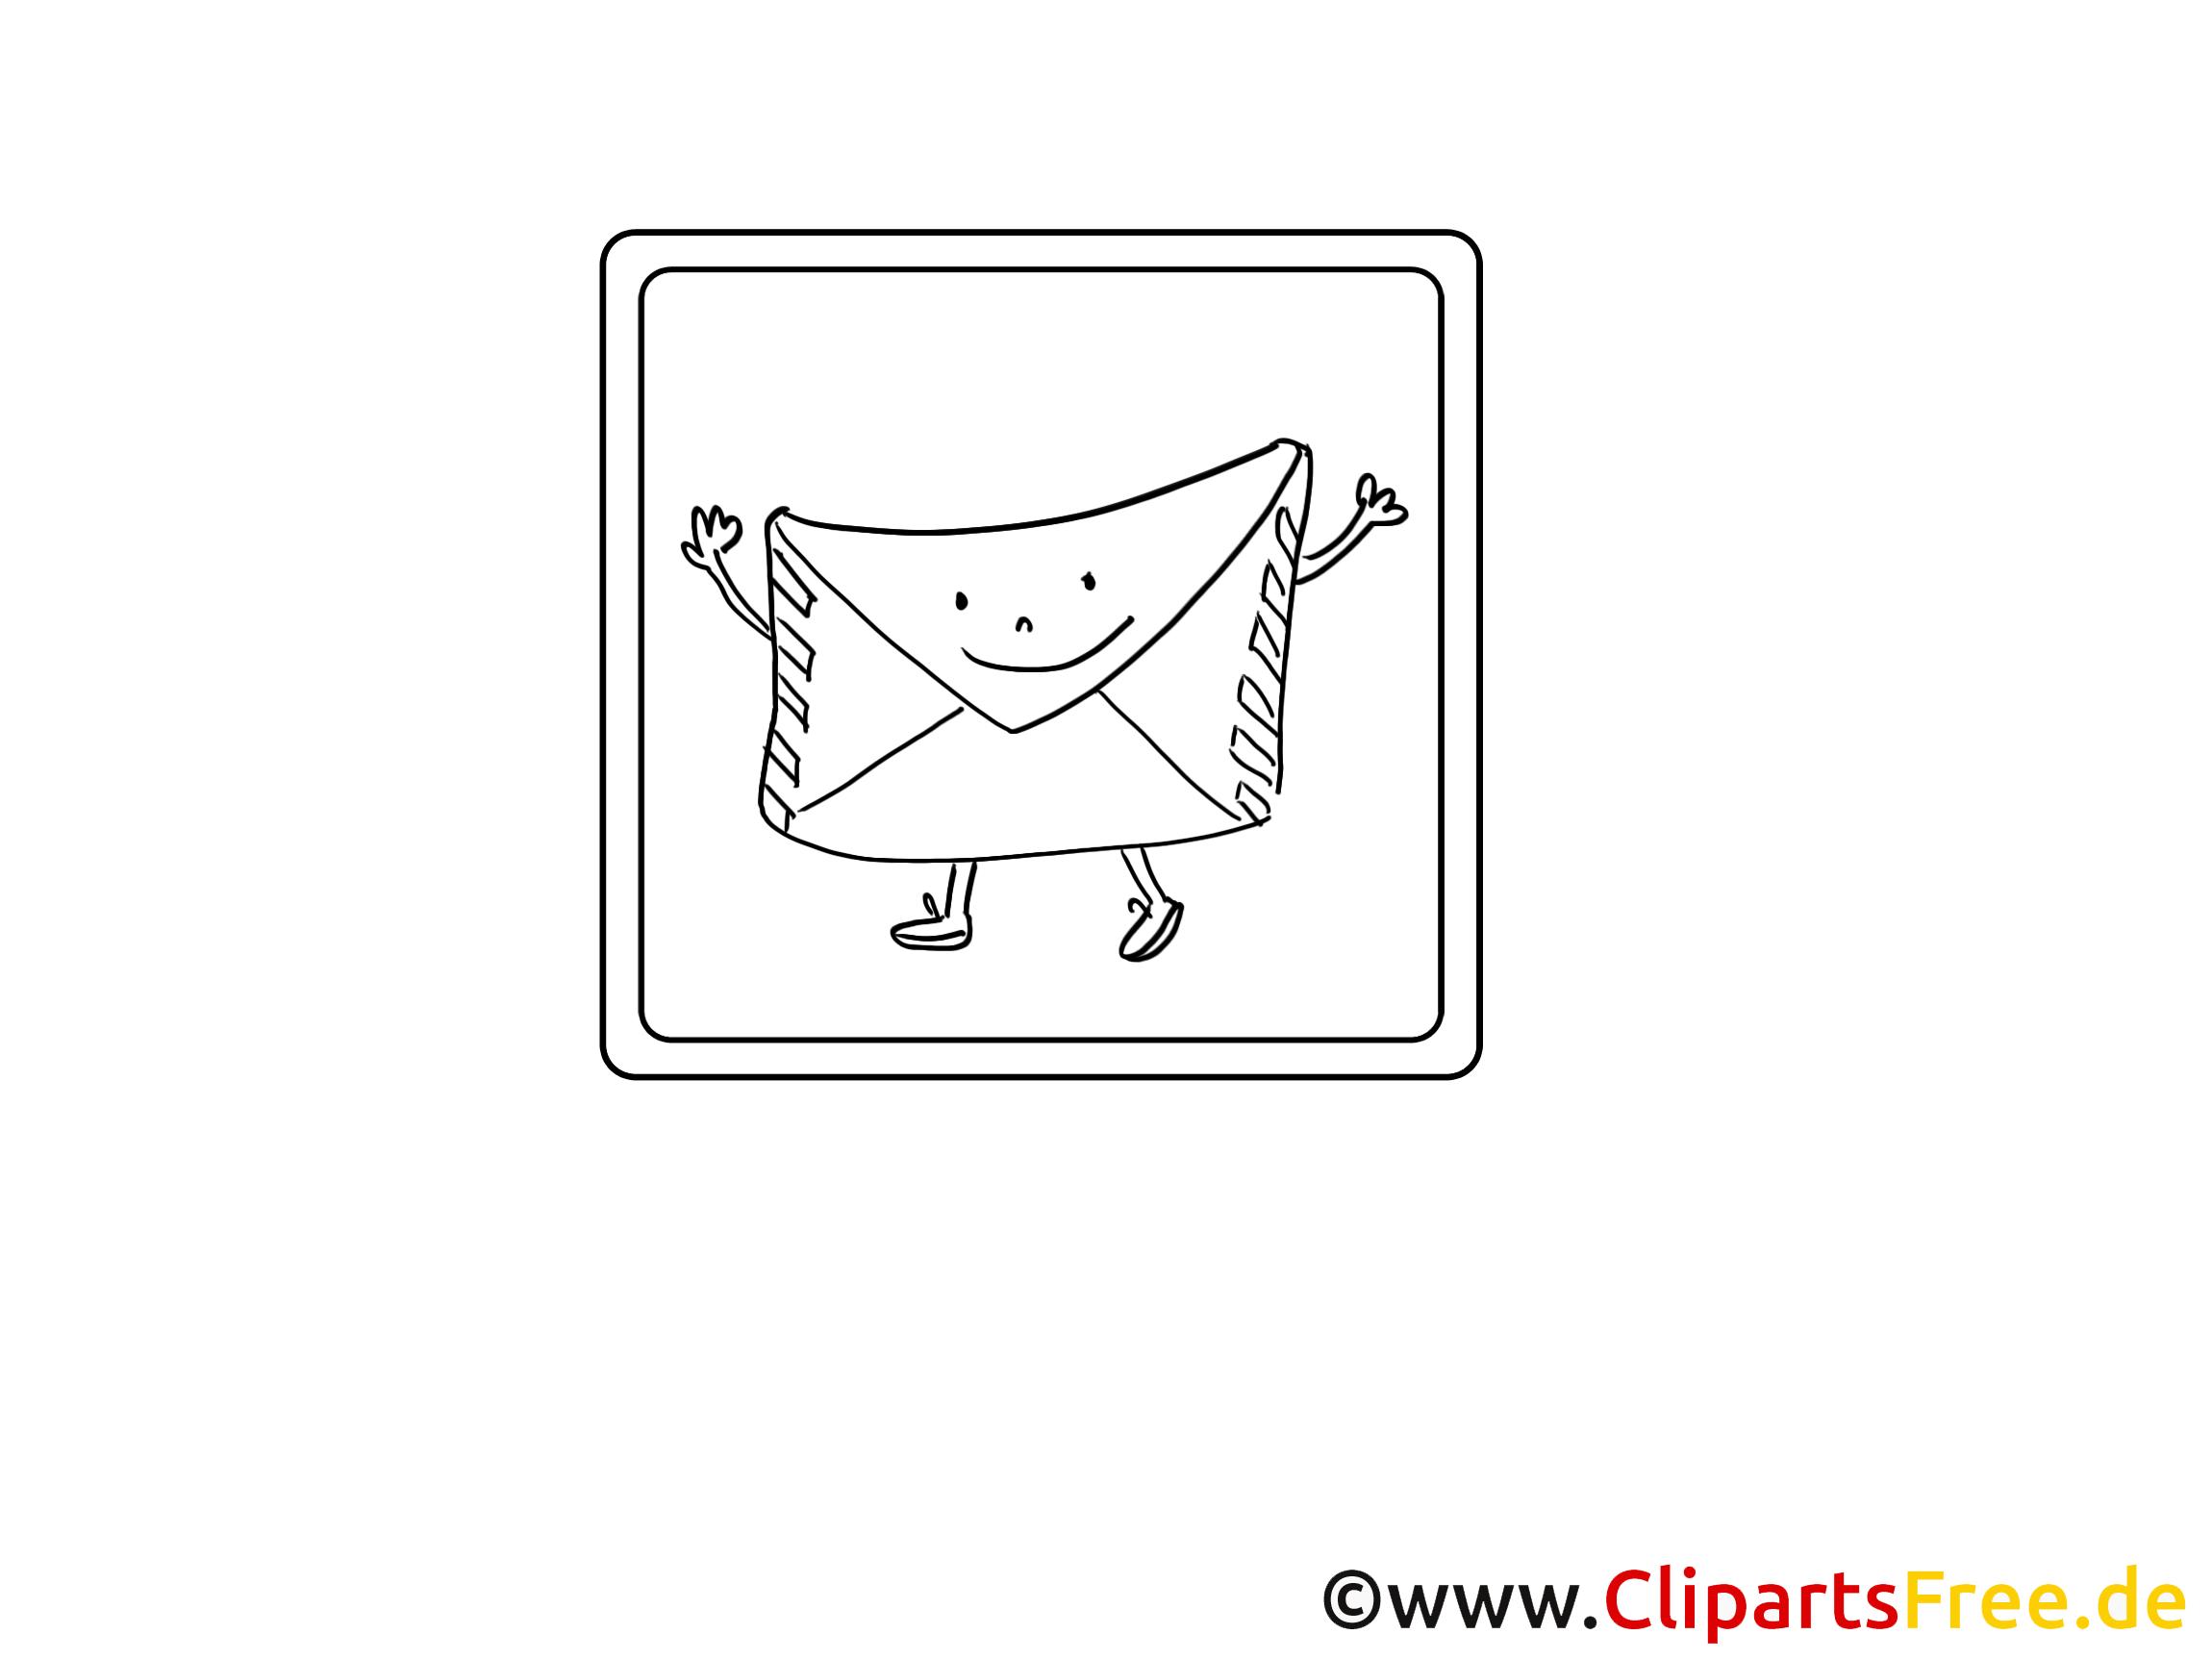 Lettre illustration - Icône images